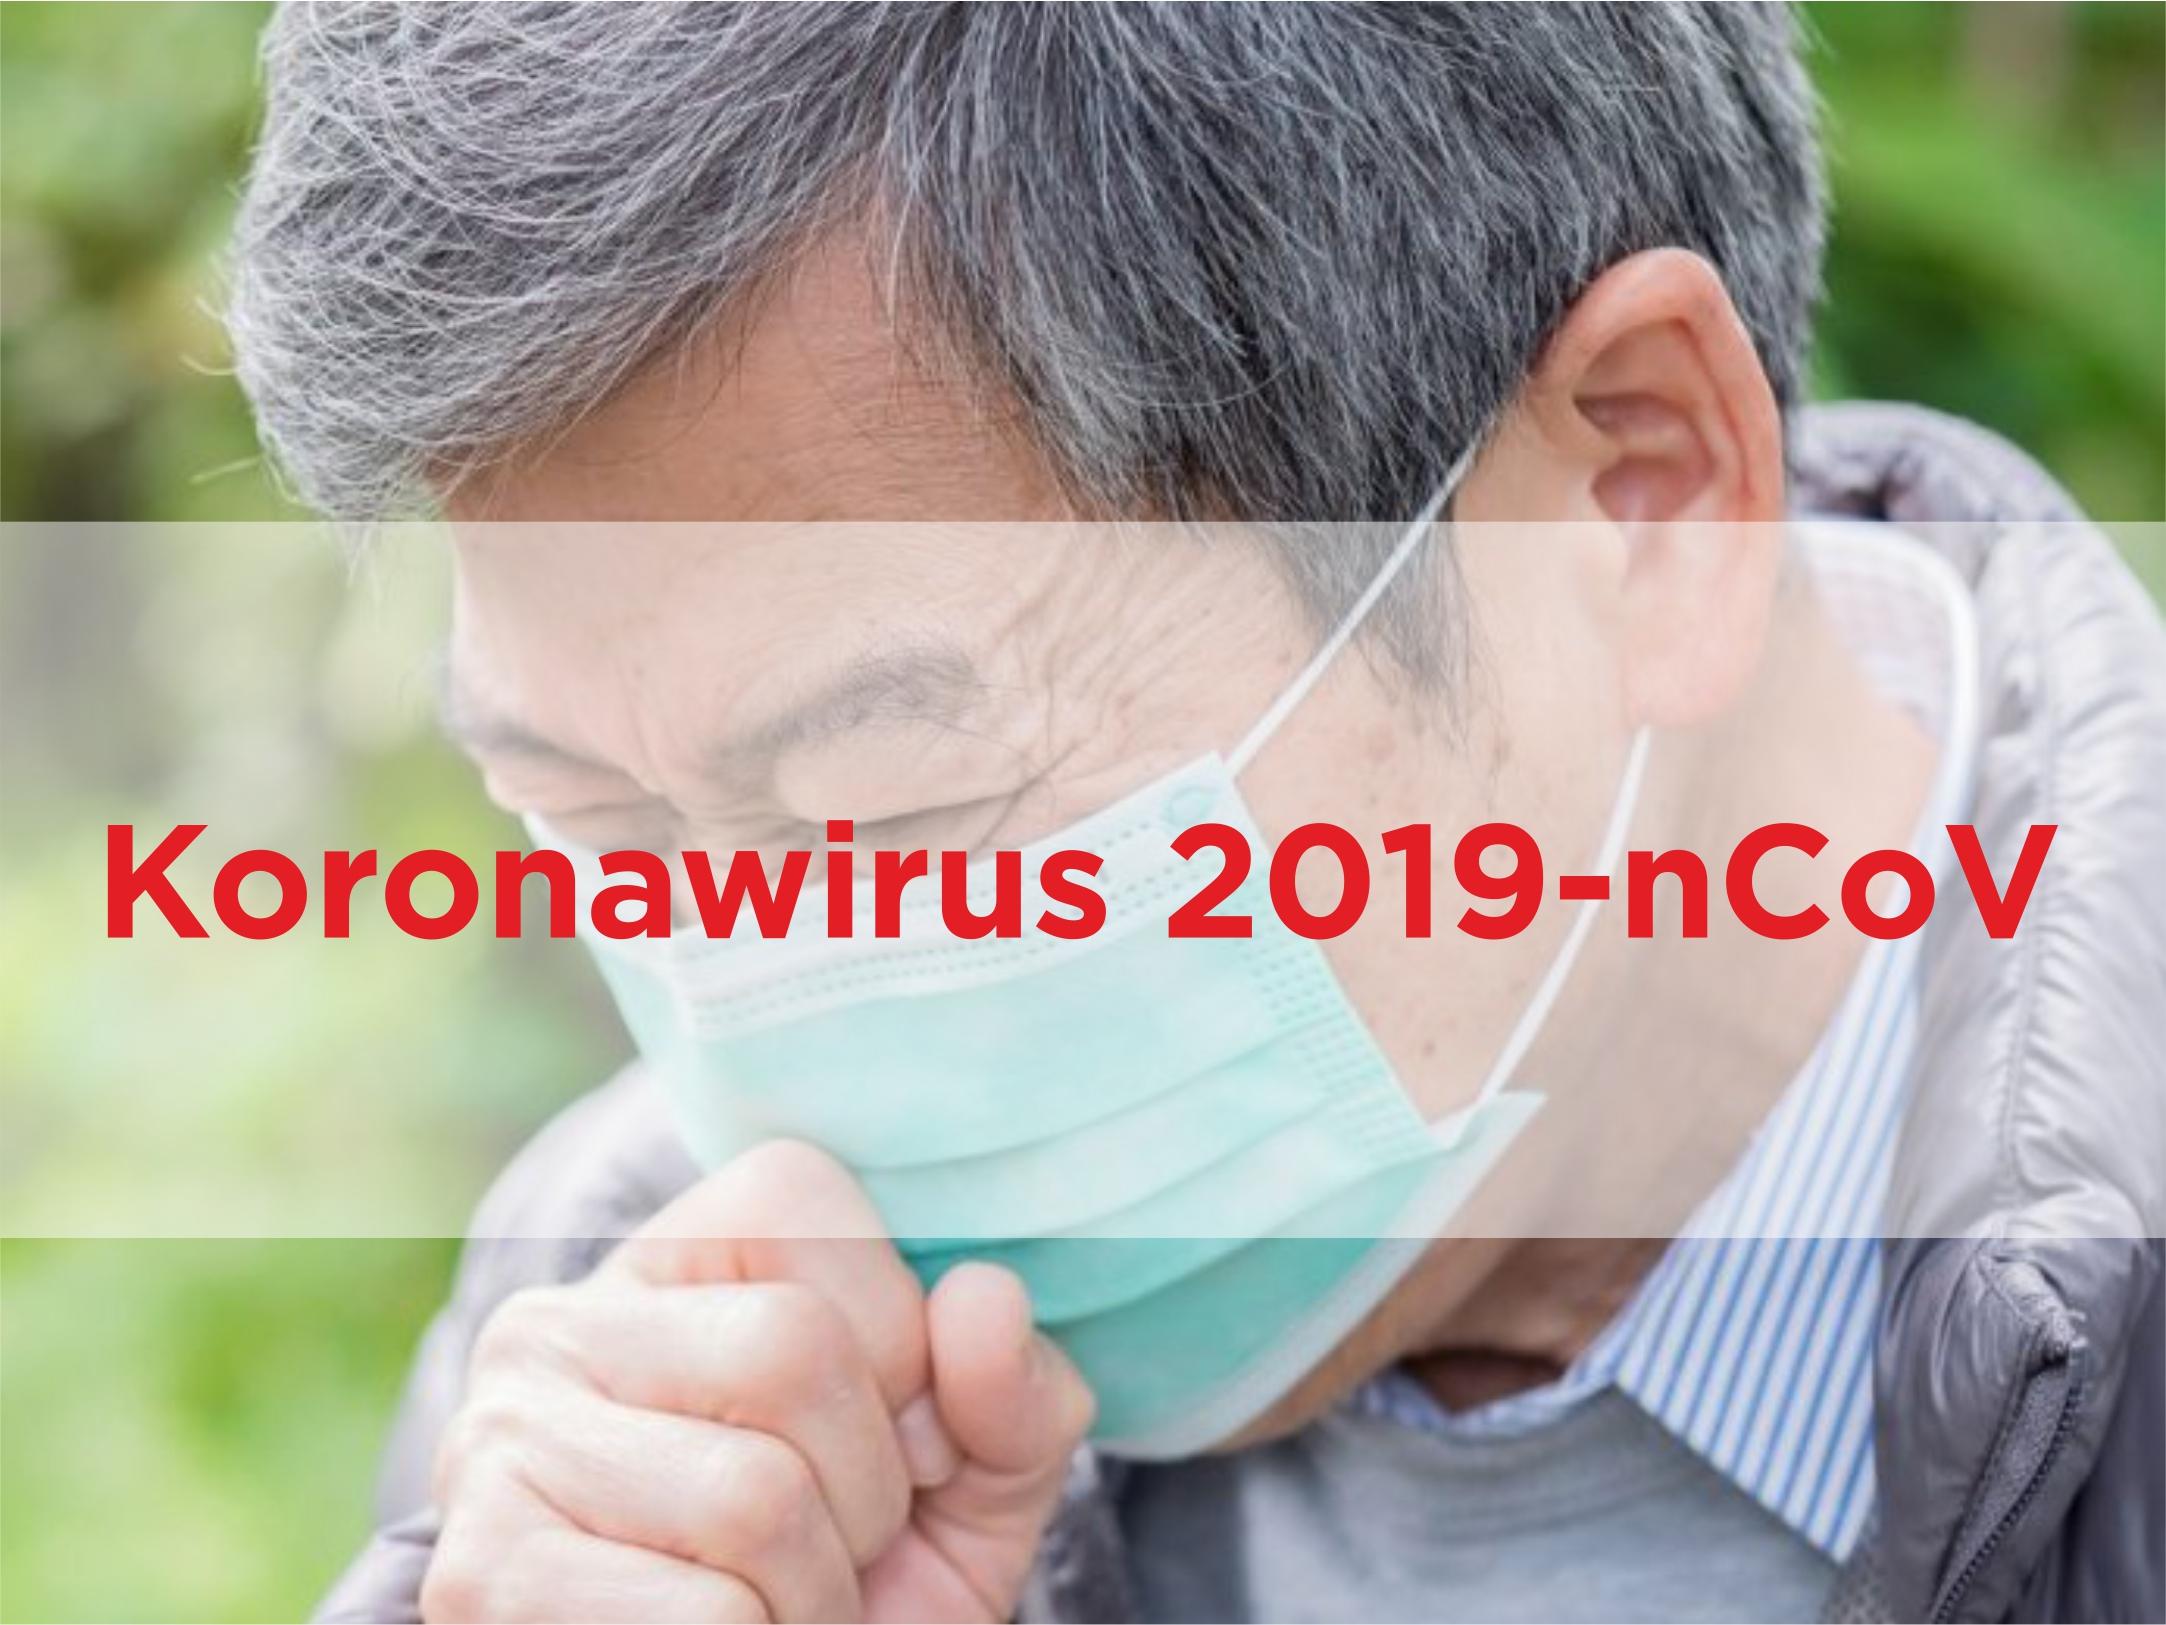 Informacja dotycząca Koronawirusa 2019-nCoV